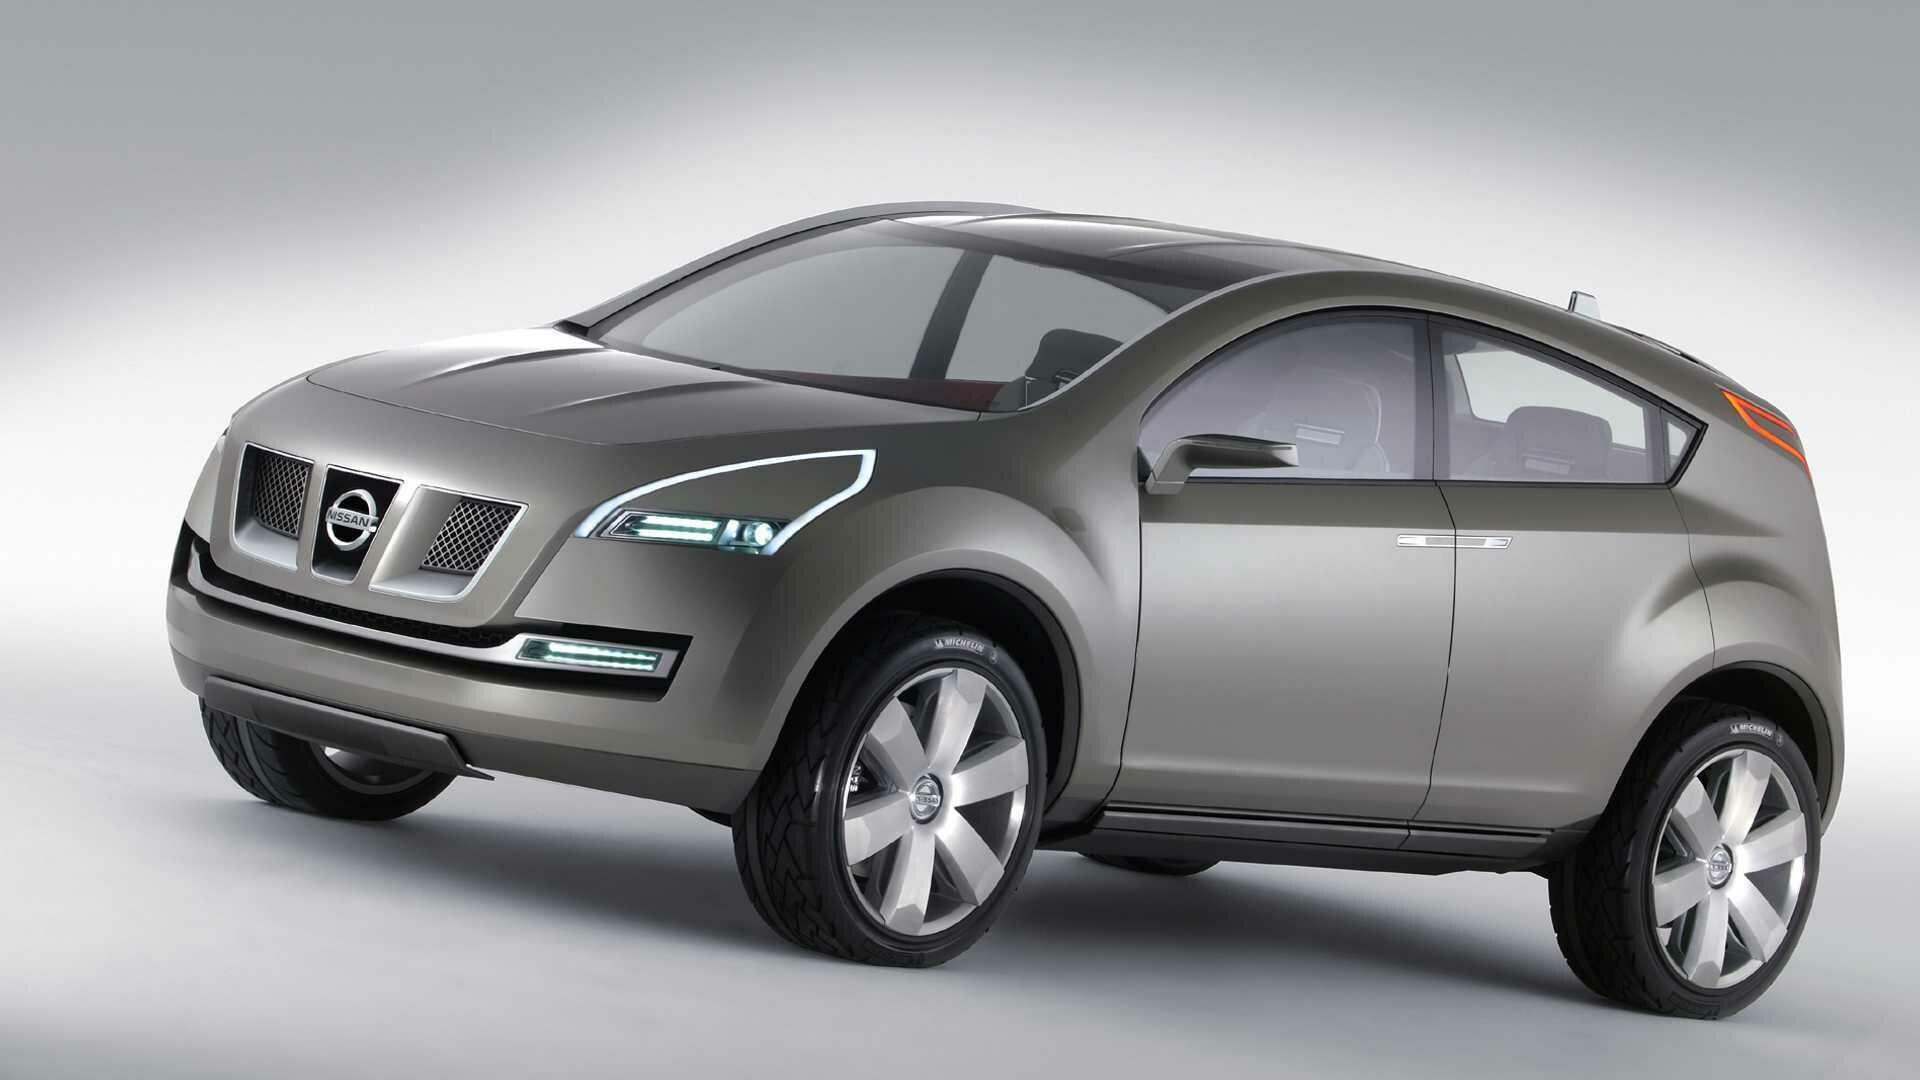 Концептуальный Nissan Qashqai получил смелые решения, которые не добрались до серийного производства